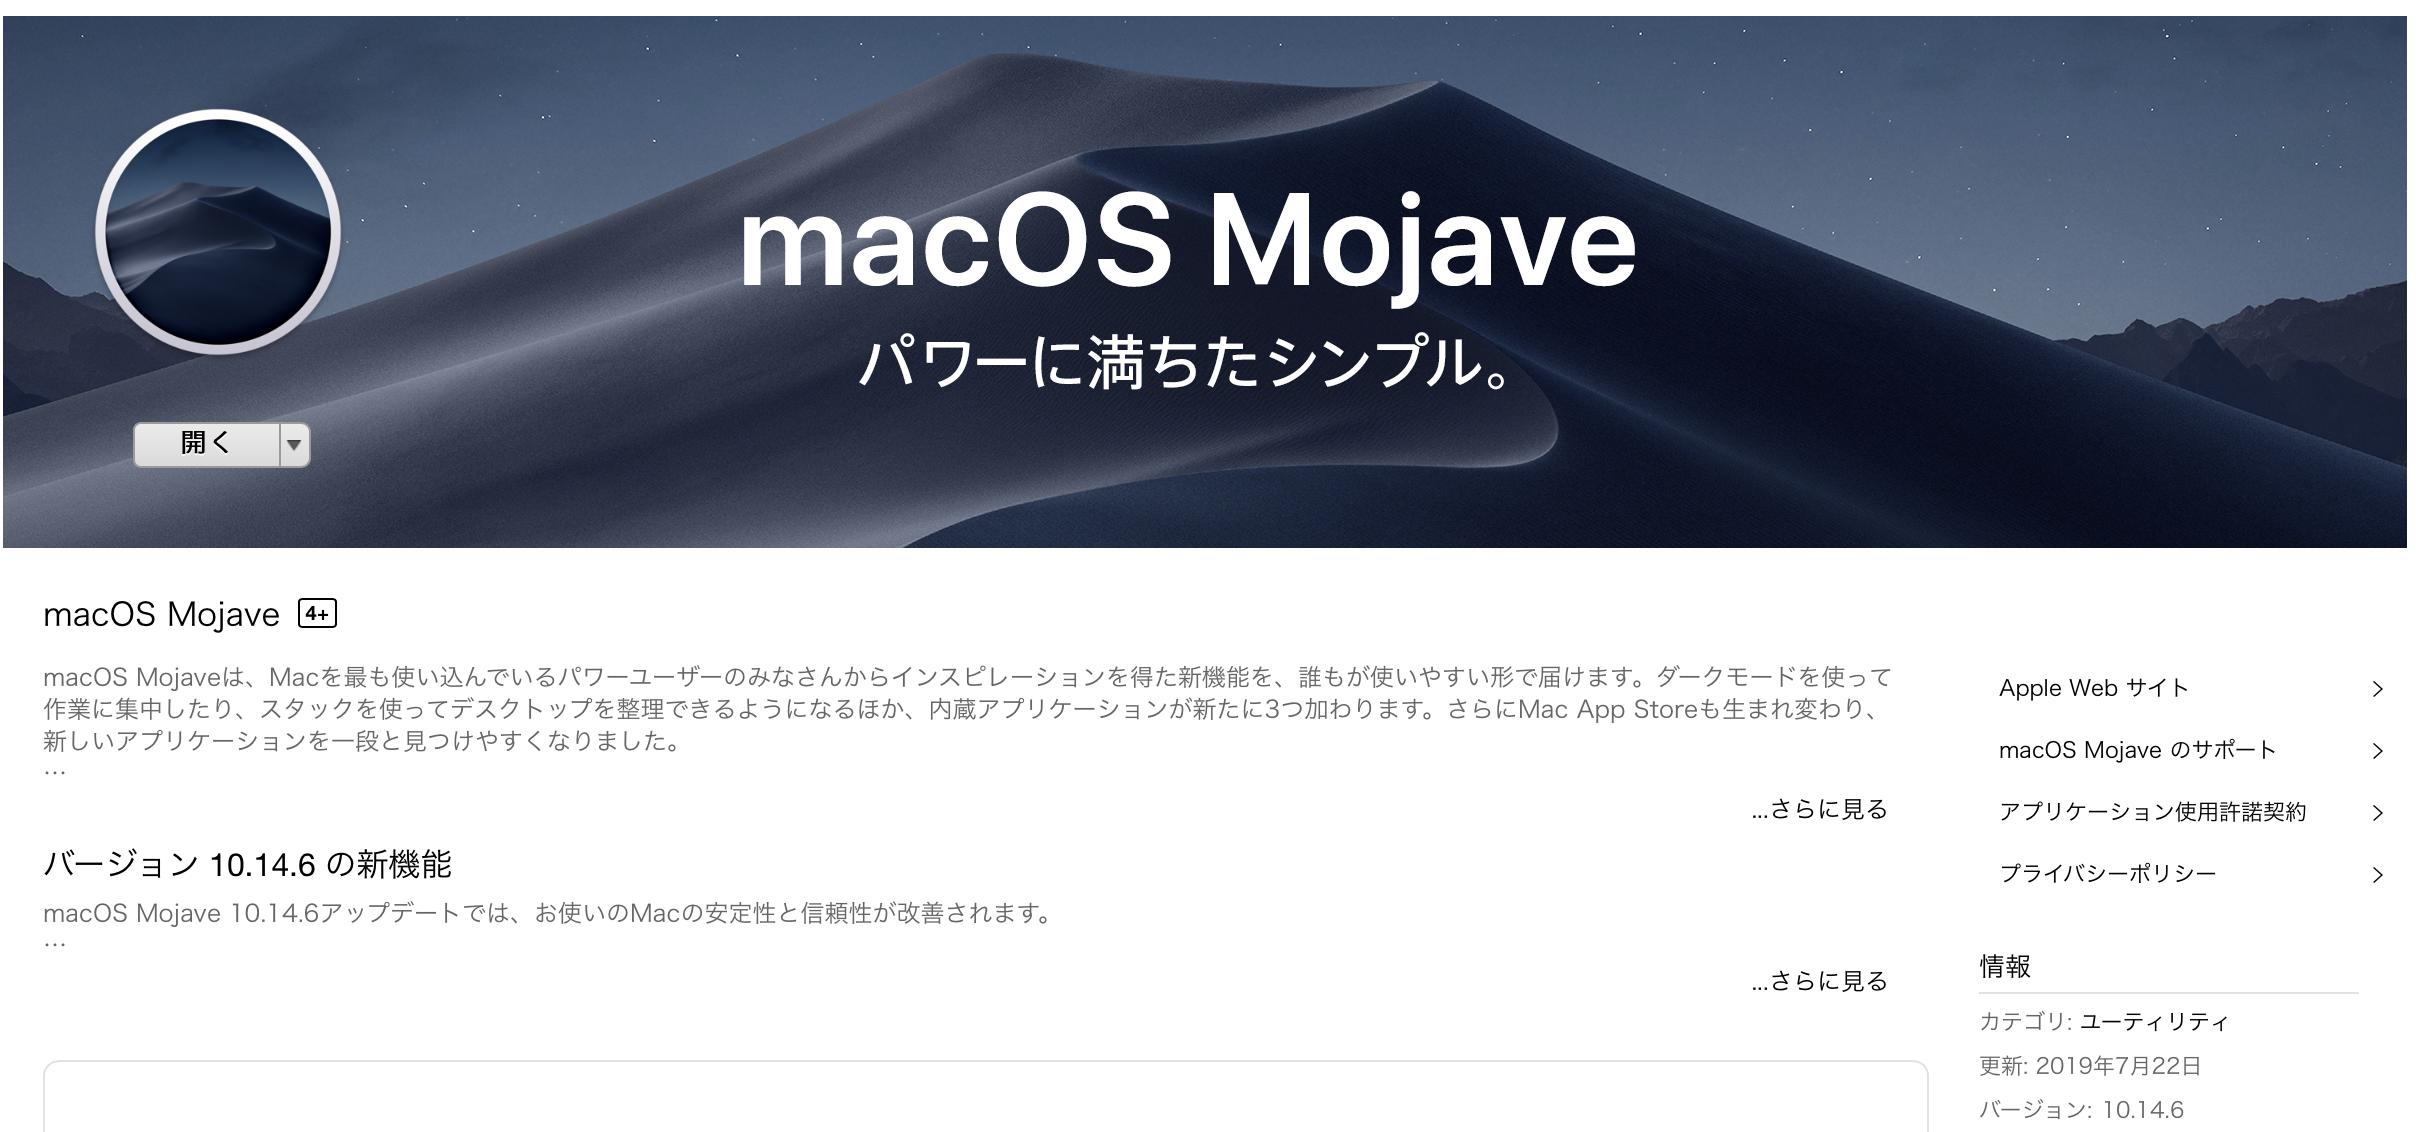 て の ため 使用 mojave インストール いる は インストール アプリケーション は し この 破損 macos macos できません に